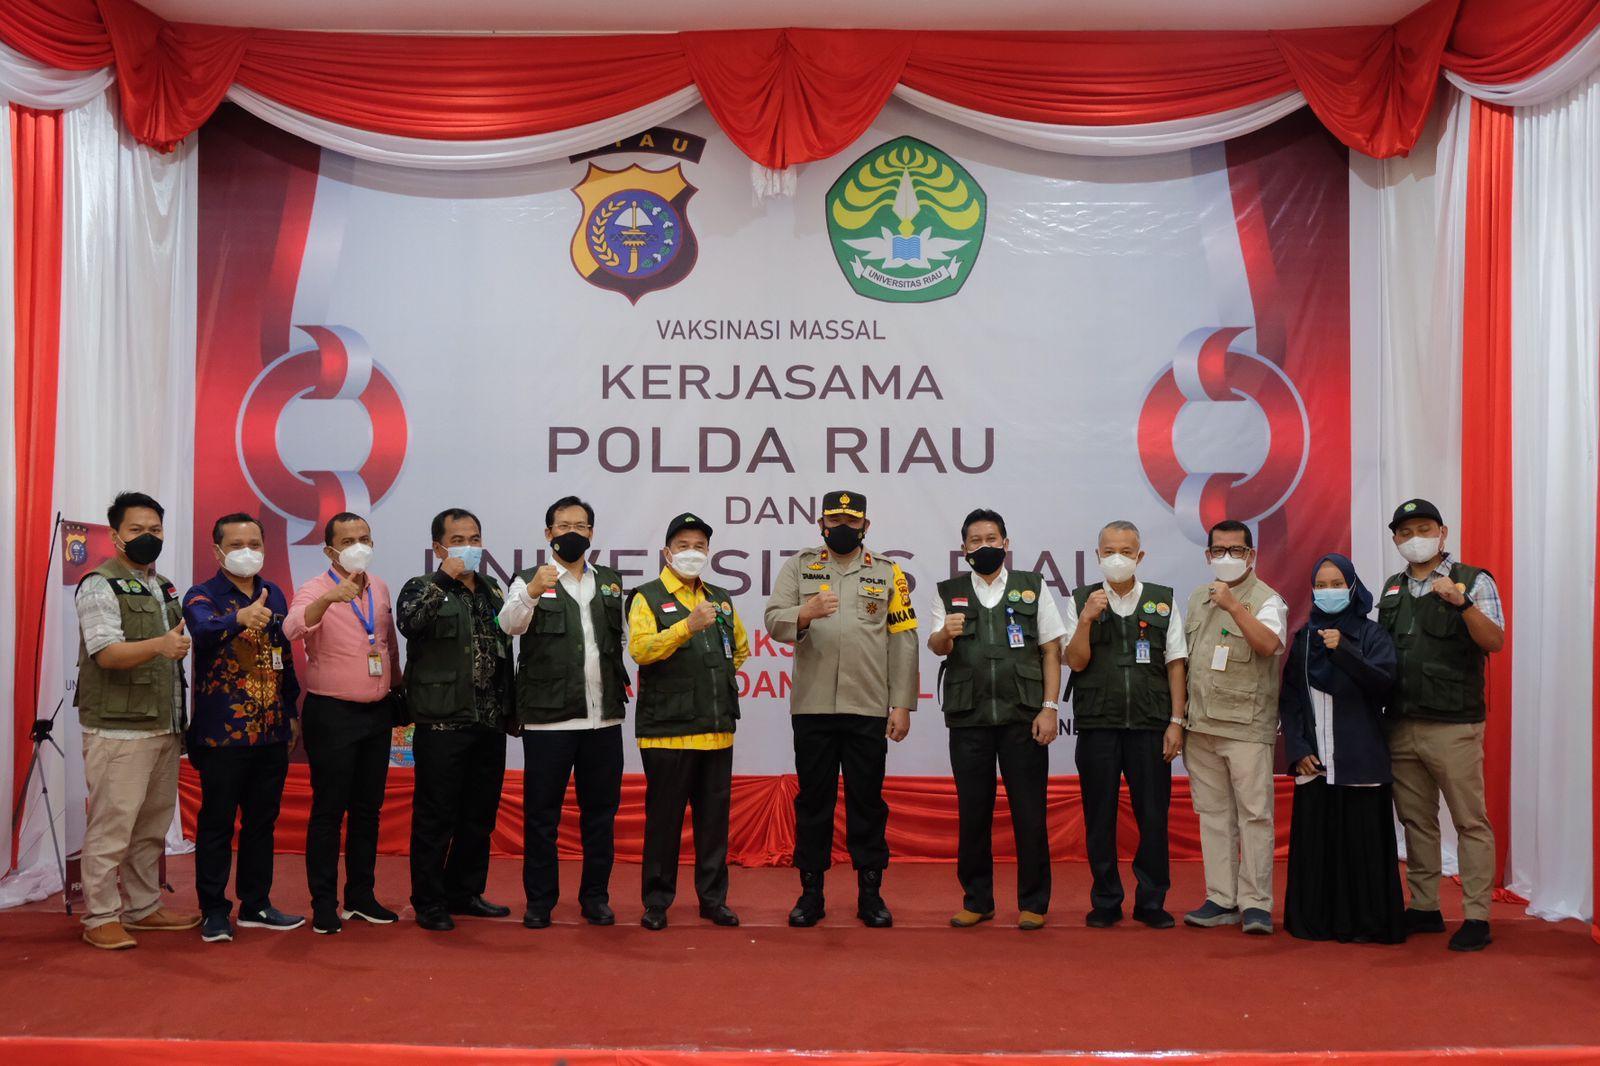 Foto Wakapolda Riau Brigjen Tabana Bangun Msi, saat melakukan Vaksinasi massal di kampus Unri.